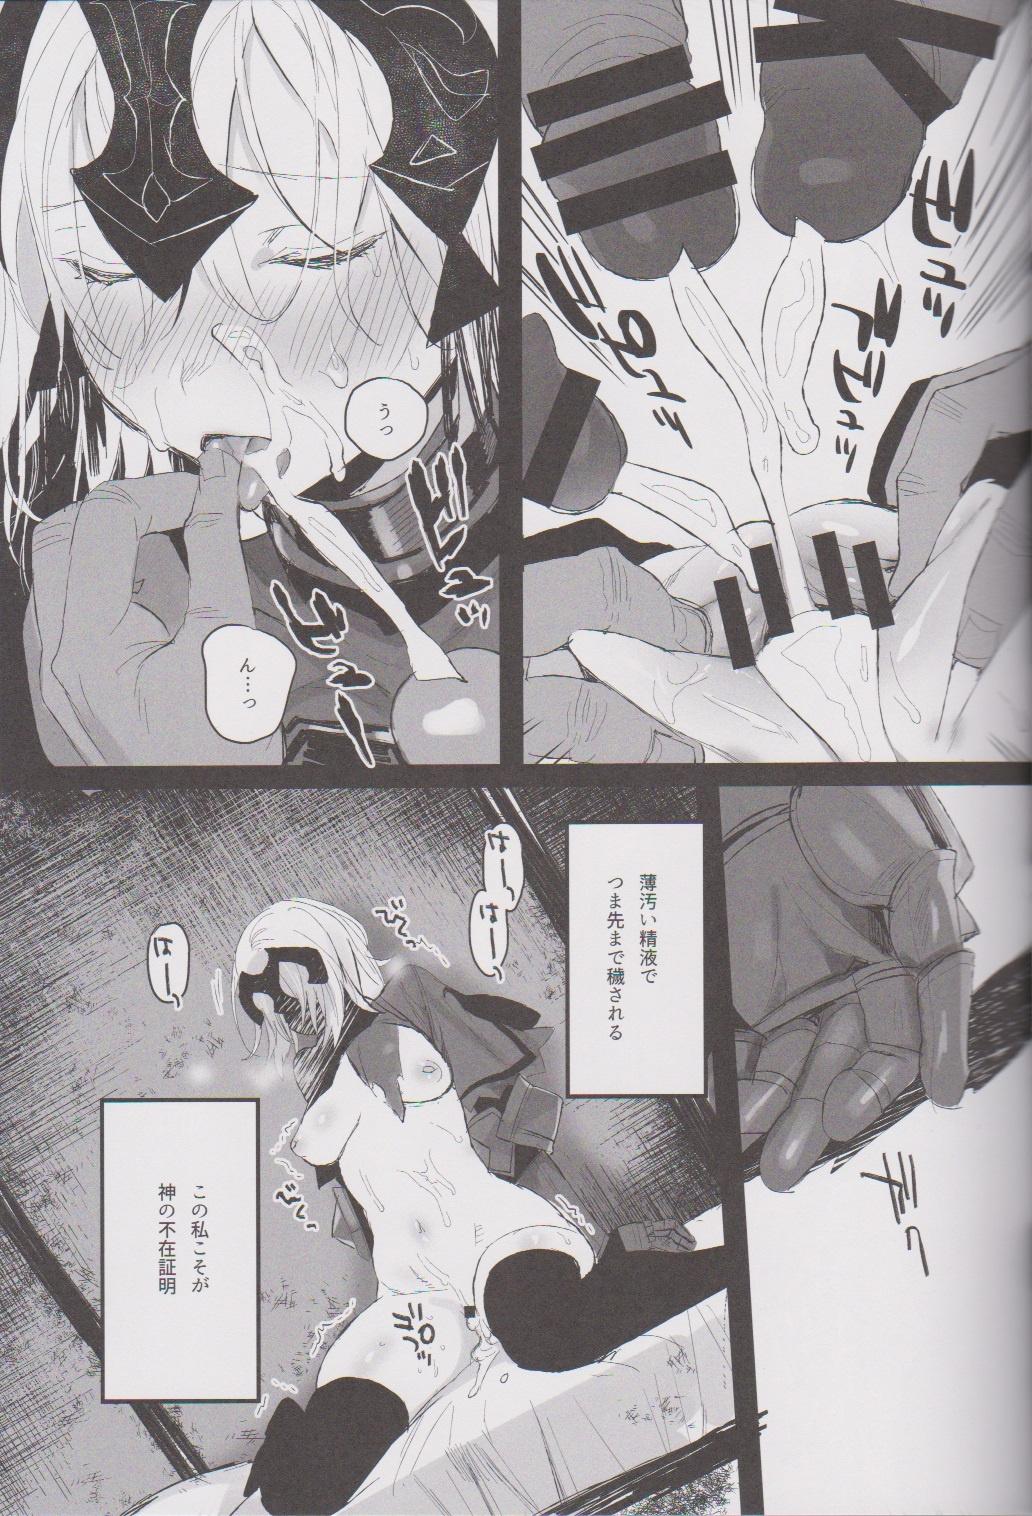 【FGO エロ漫画・エロ同人】巨乳のジャンヌ・オルタが捕らわれて集団レイプされちゃってるwひたすら中出しセックスで陵辱され身体中ザーメンだらけにwww (16)